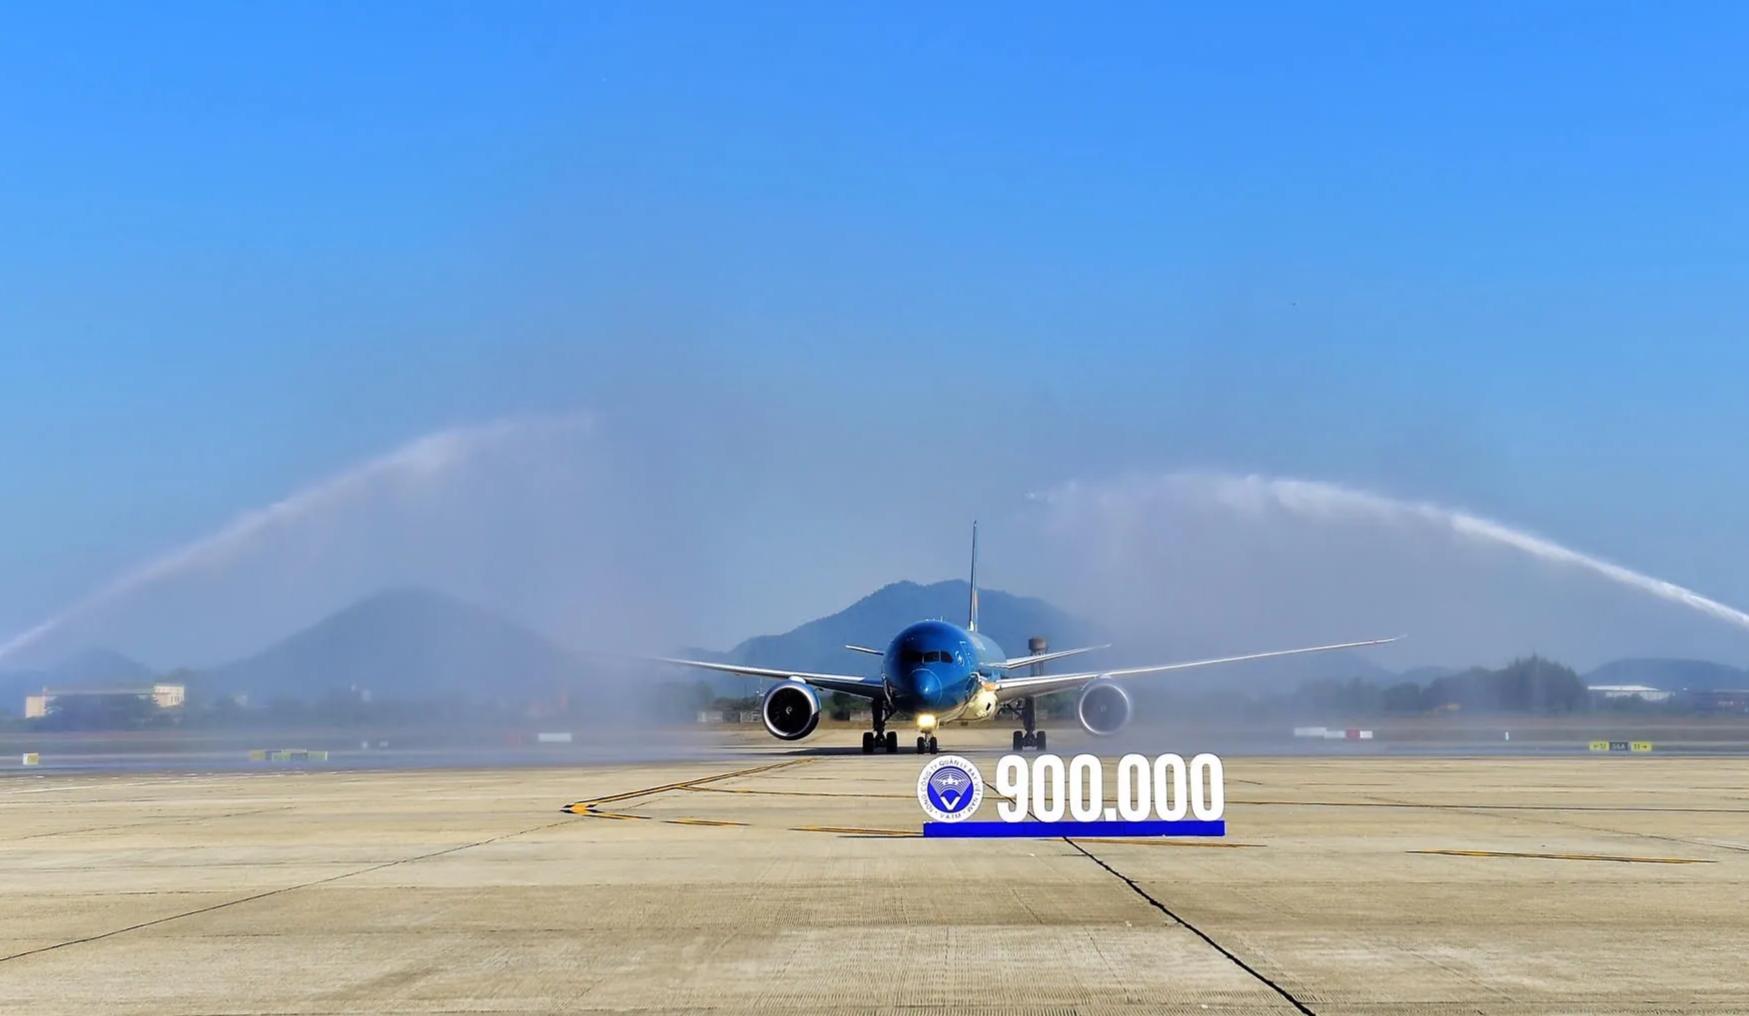 Hơn 2.000 chuyến bay hoạt động trong không phận Việt Nam mỗi ngày